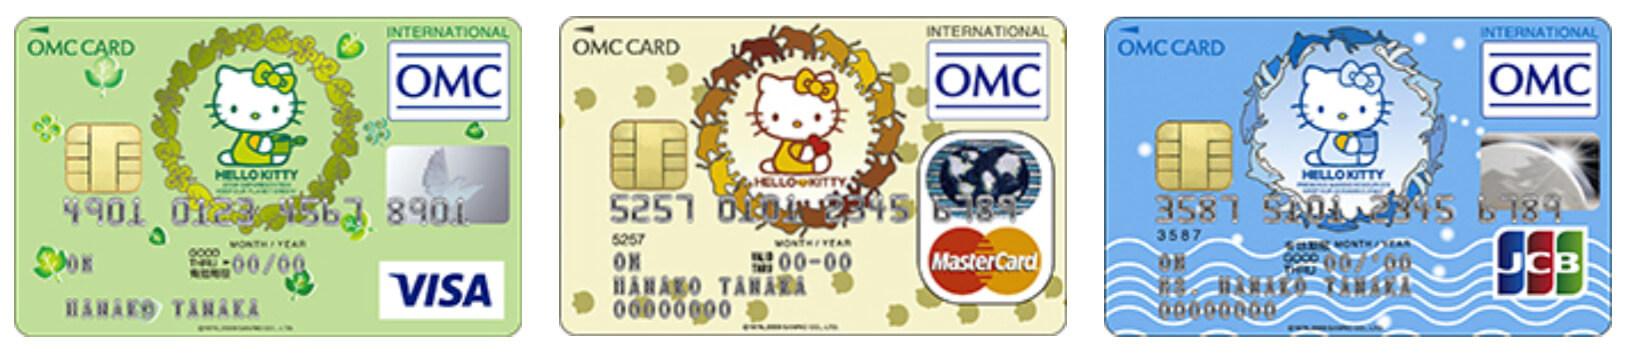 OMCカード ハローキティ キャラクター クレジットカード